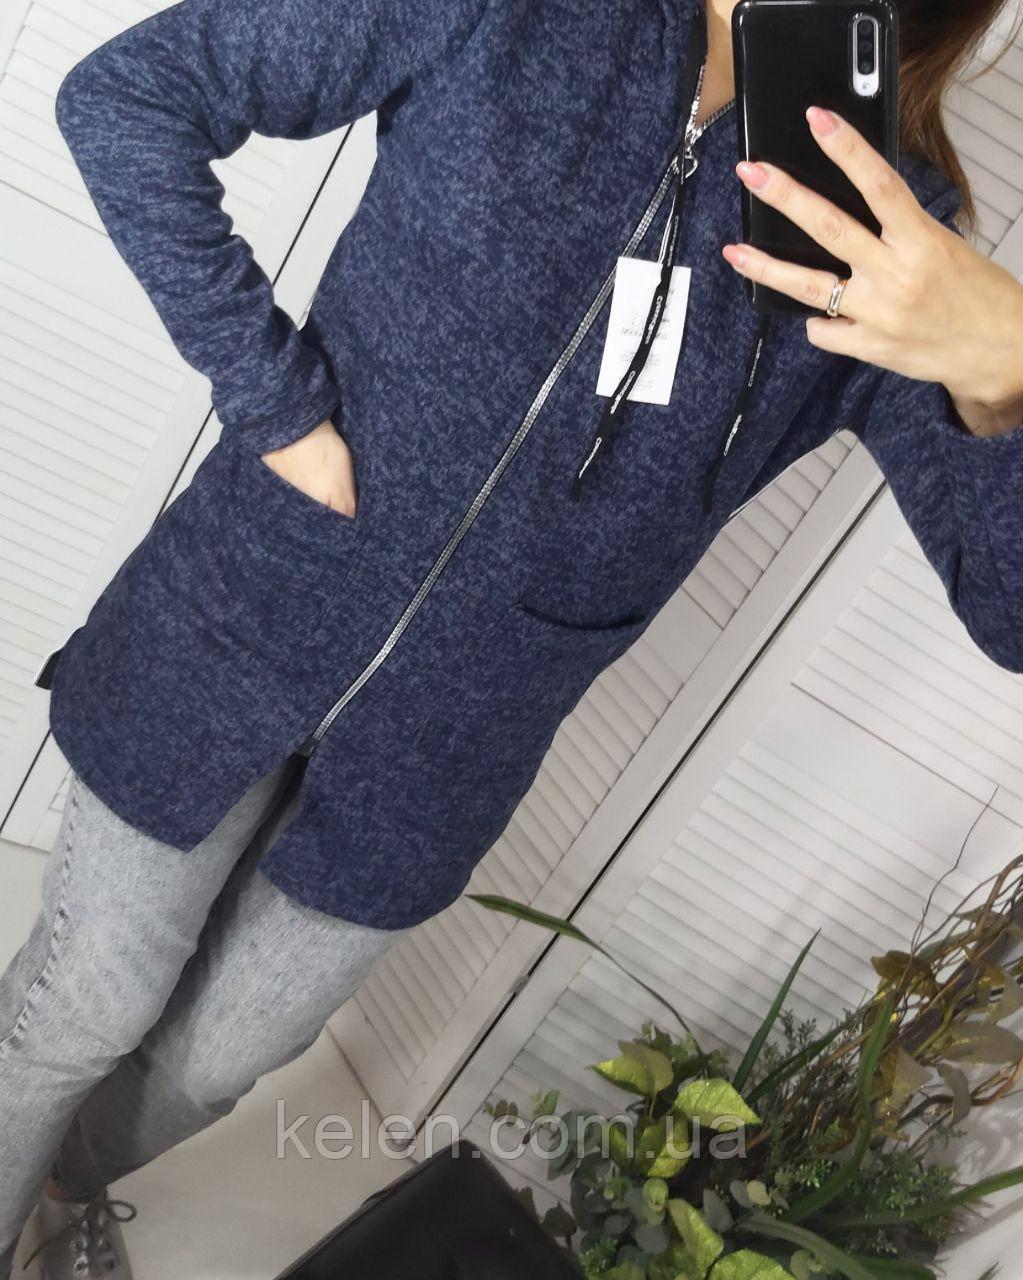 Кардиган ангоровый  светло-серый женский 42-54 размеры